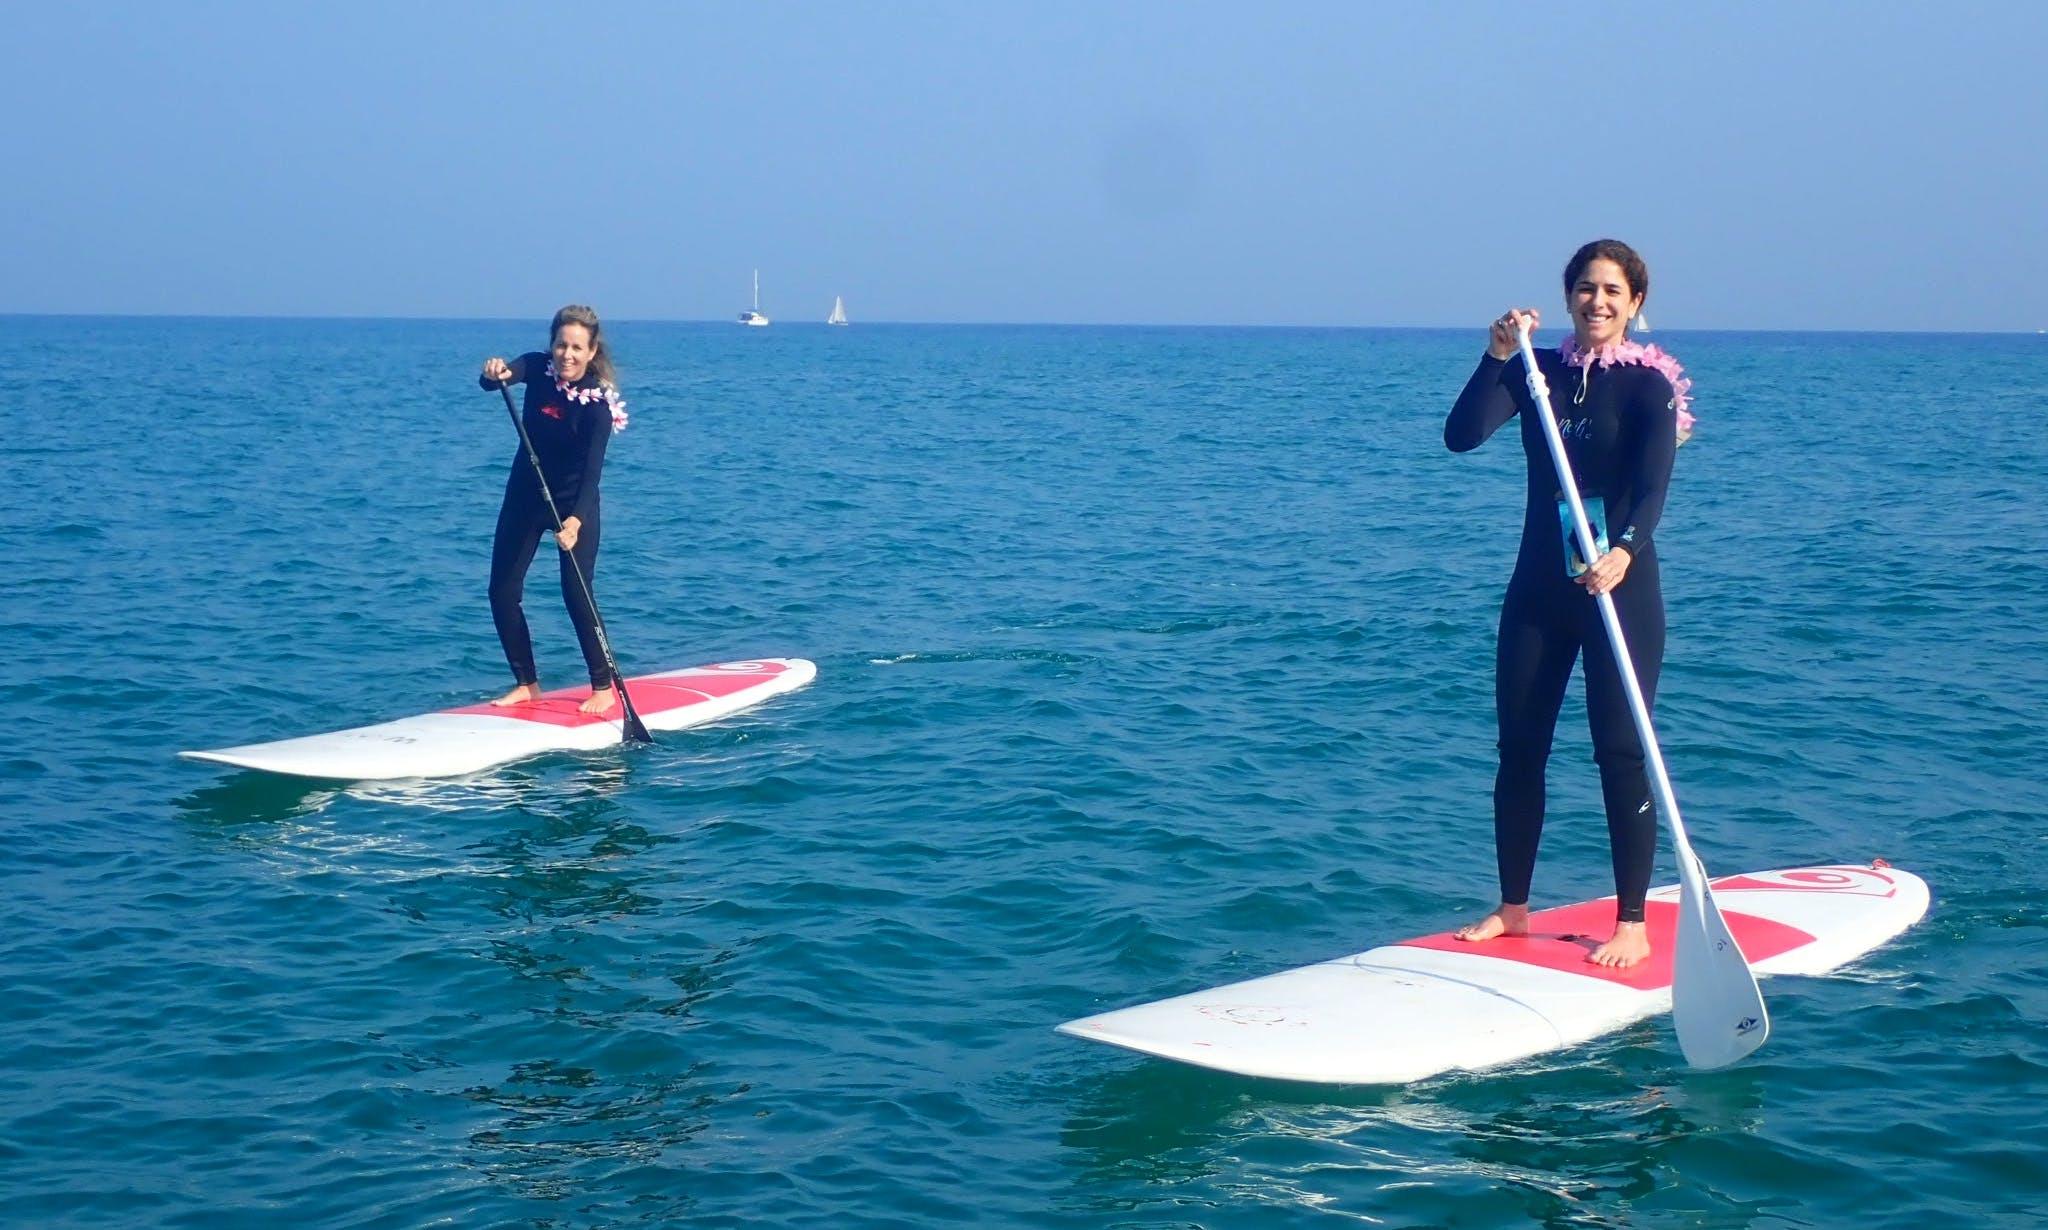 Paddleboard for rent in Herzliya